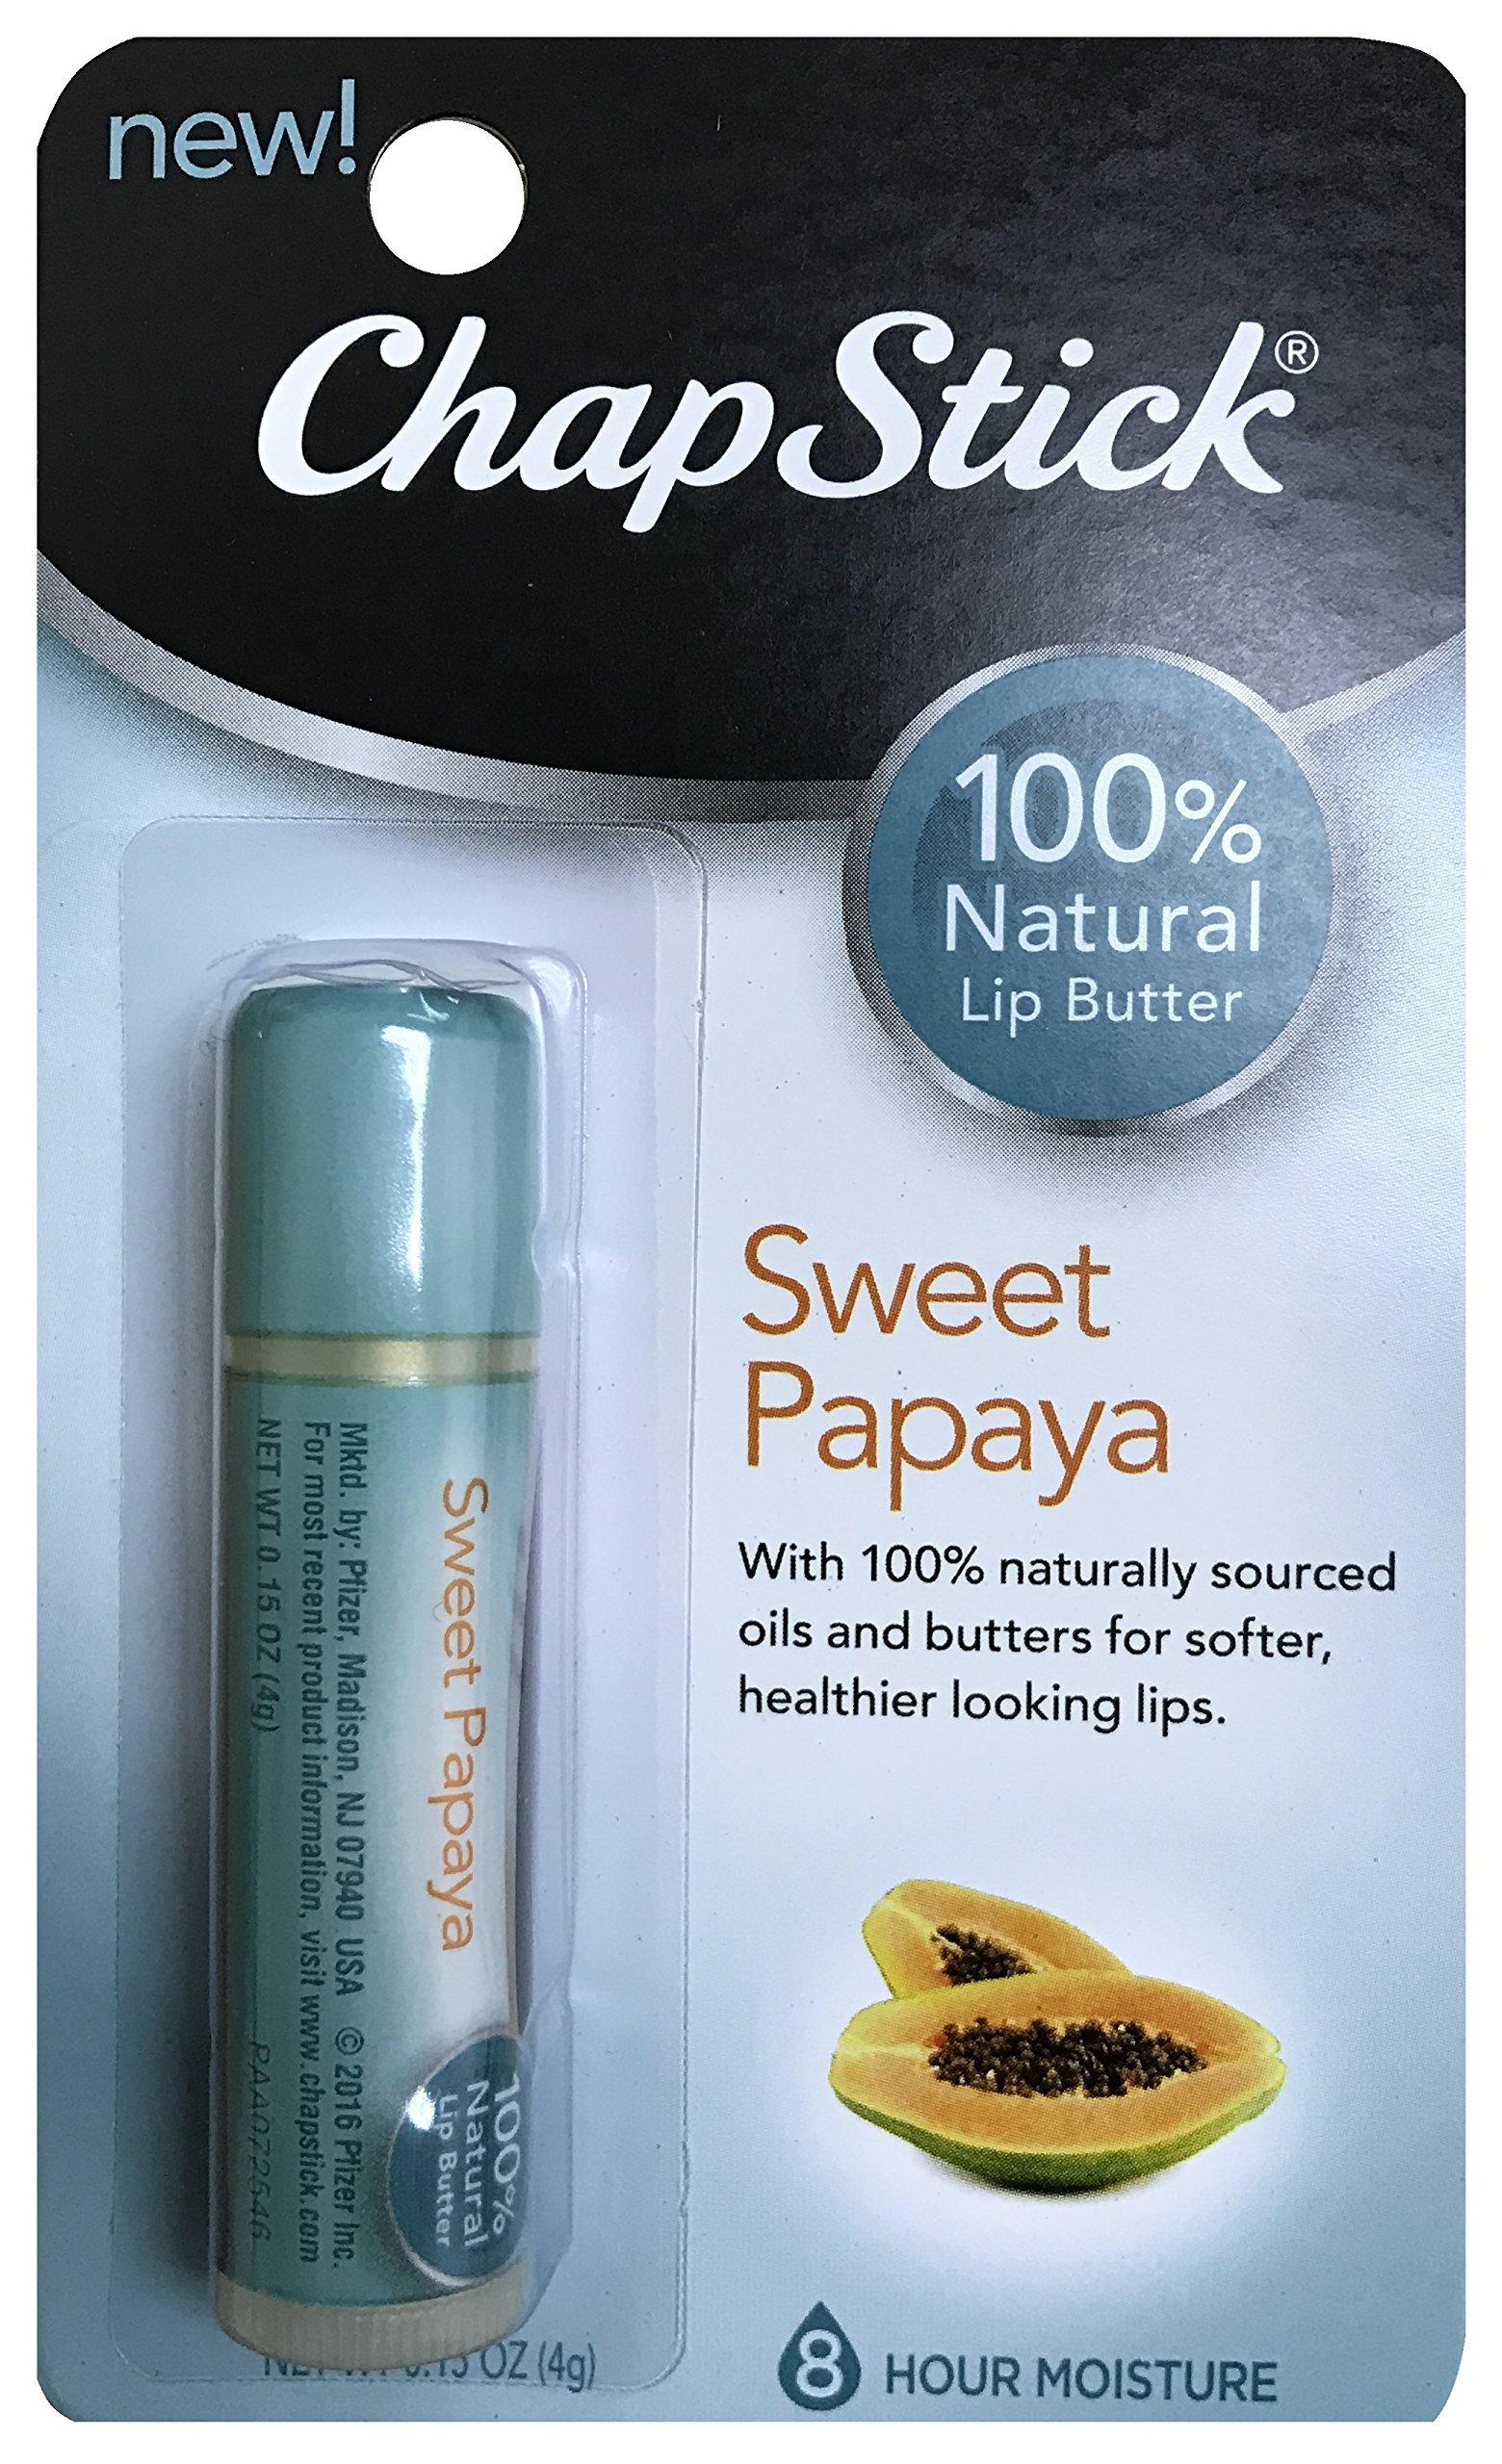 ChapStick 100% Natural Lip Butter Sweet Papaya 0.15 oz (Pack of 6) by Chapstick